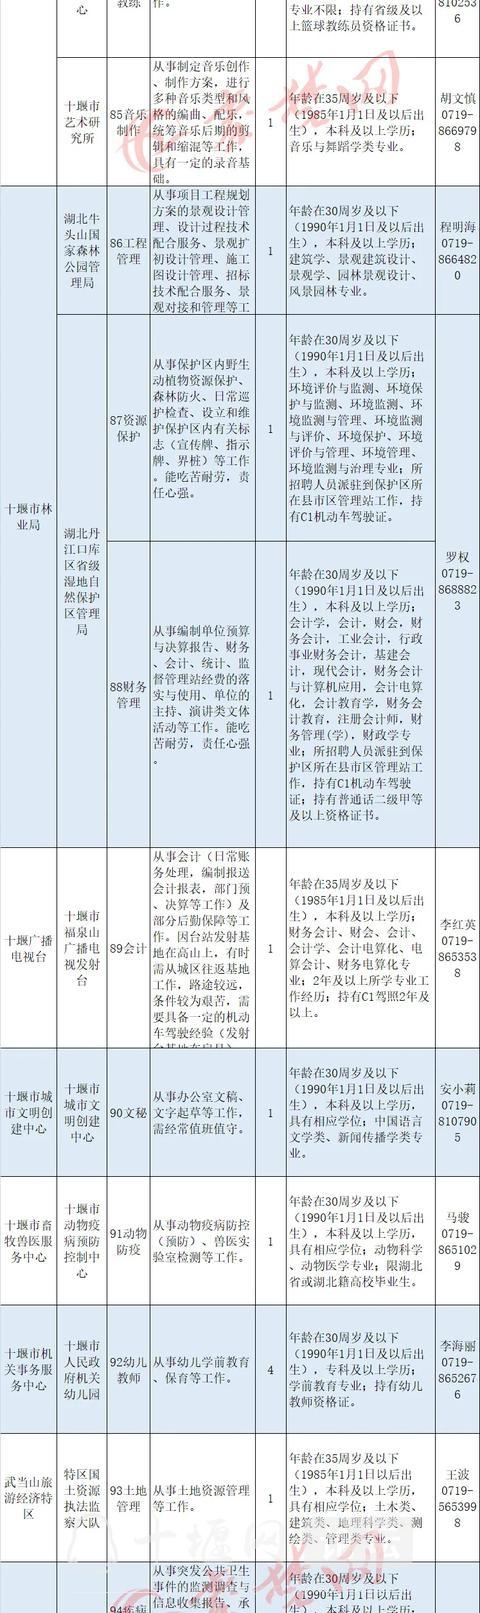 十堰启动事业单位大规模招聘,最全岗位表来了-8.jpg